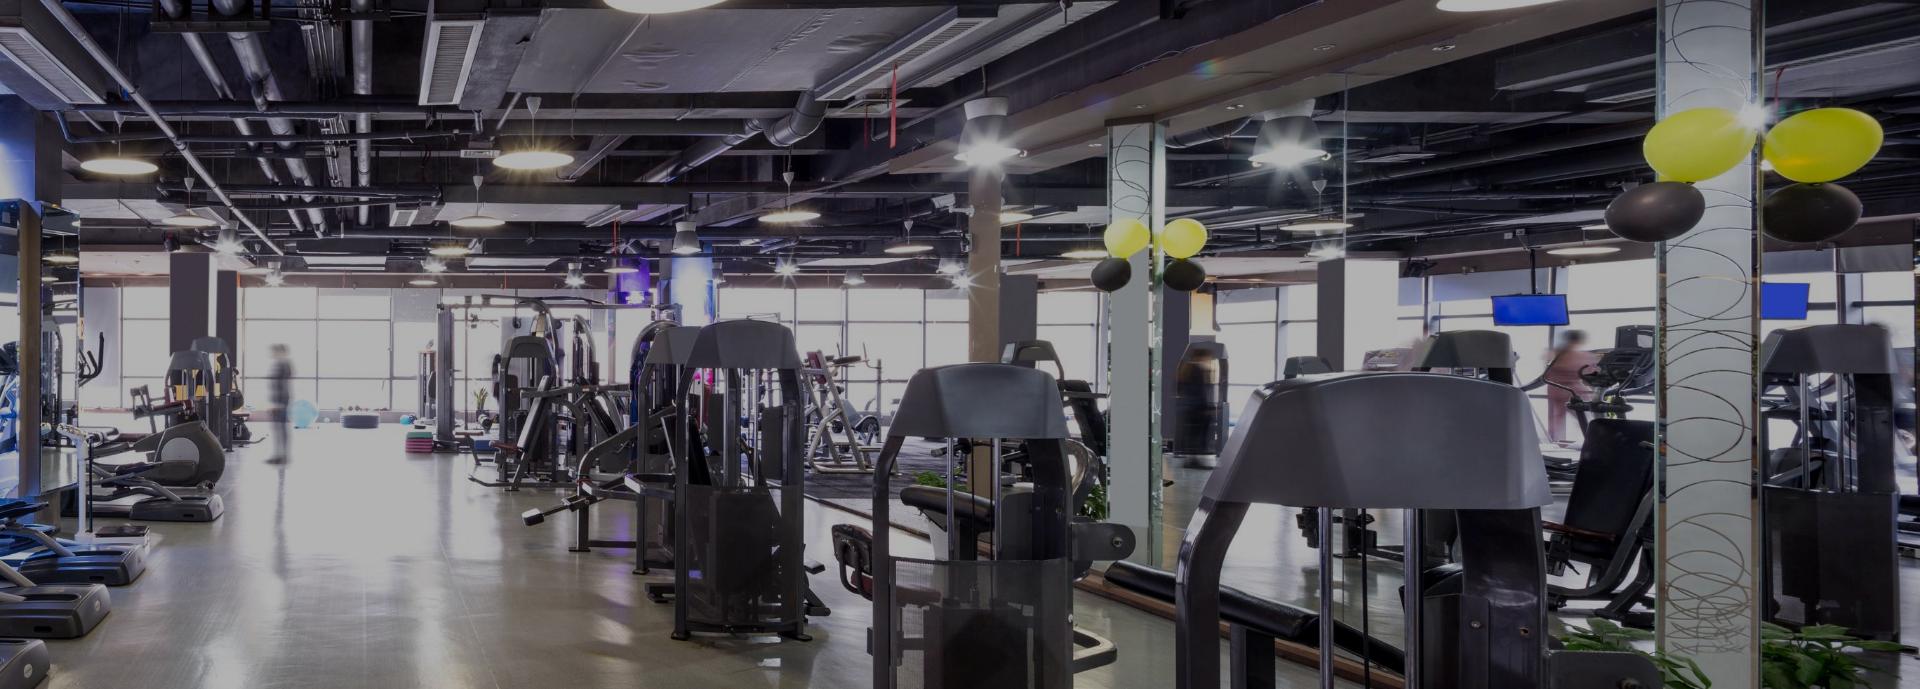 inkluzivan fitnes klub